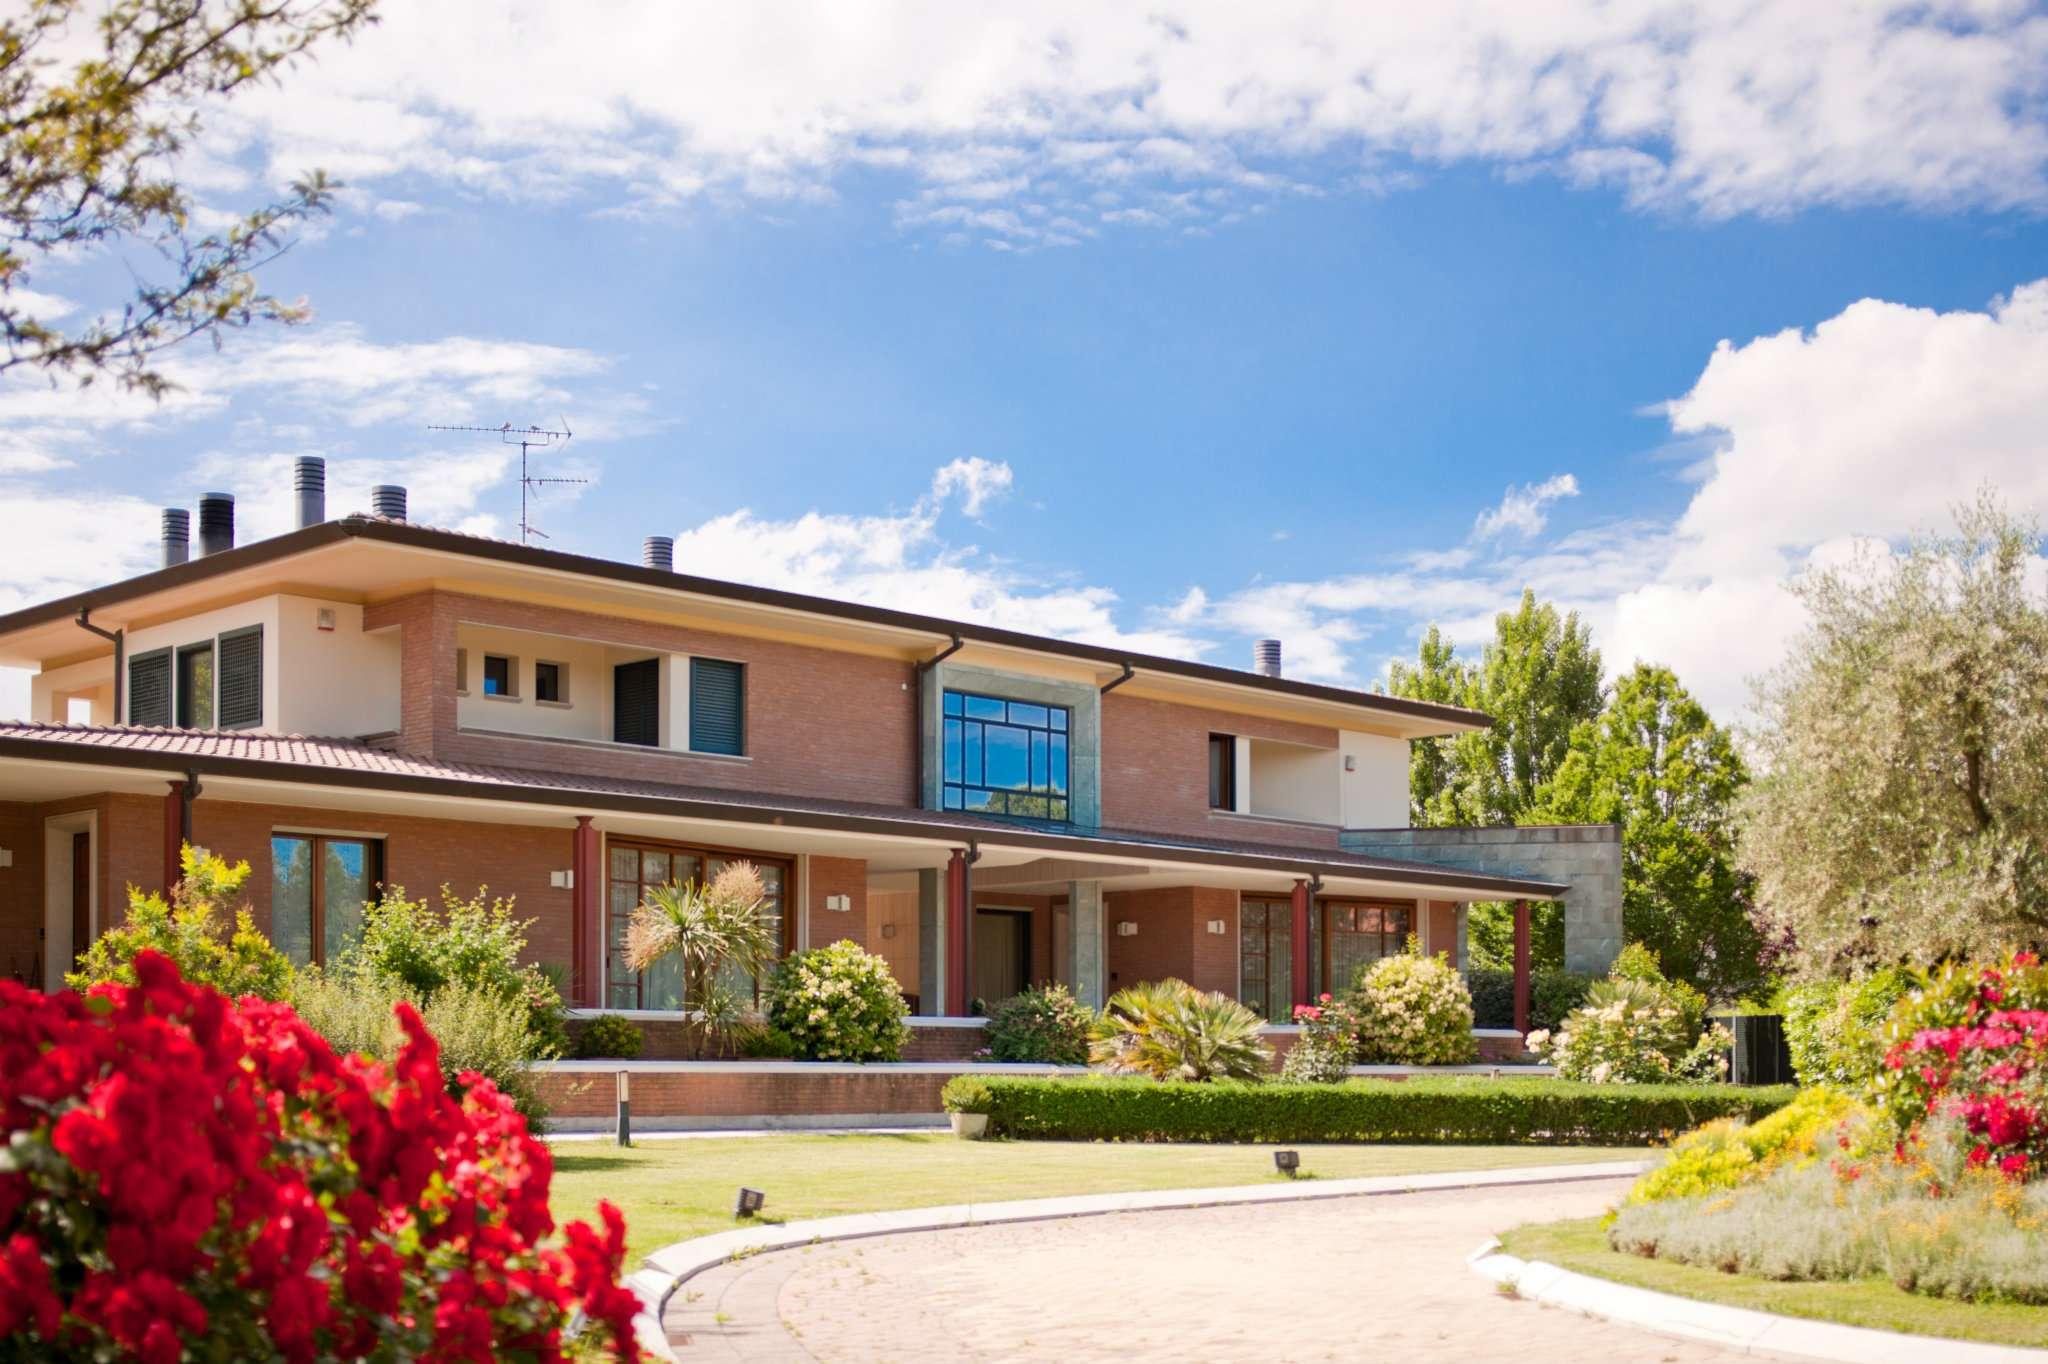 Montecchio casa a vallefoglia pu - Costo impianto idraulico casa 150 mq ...